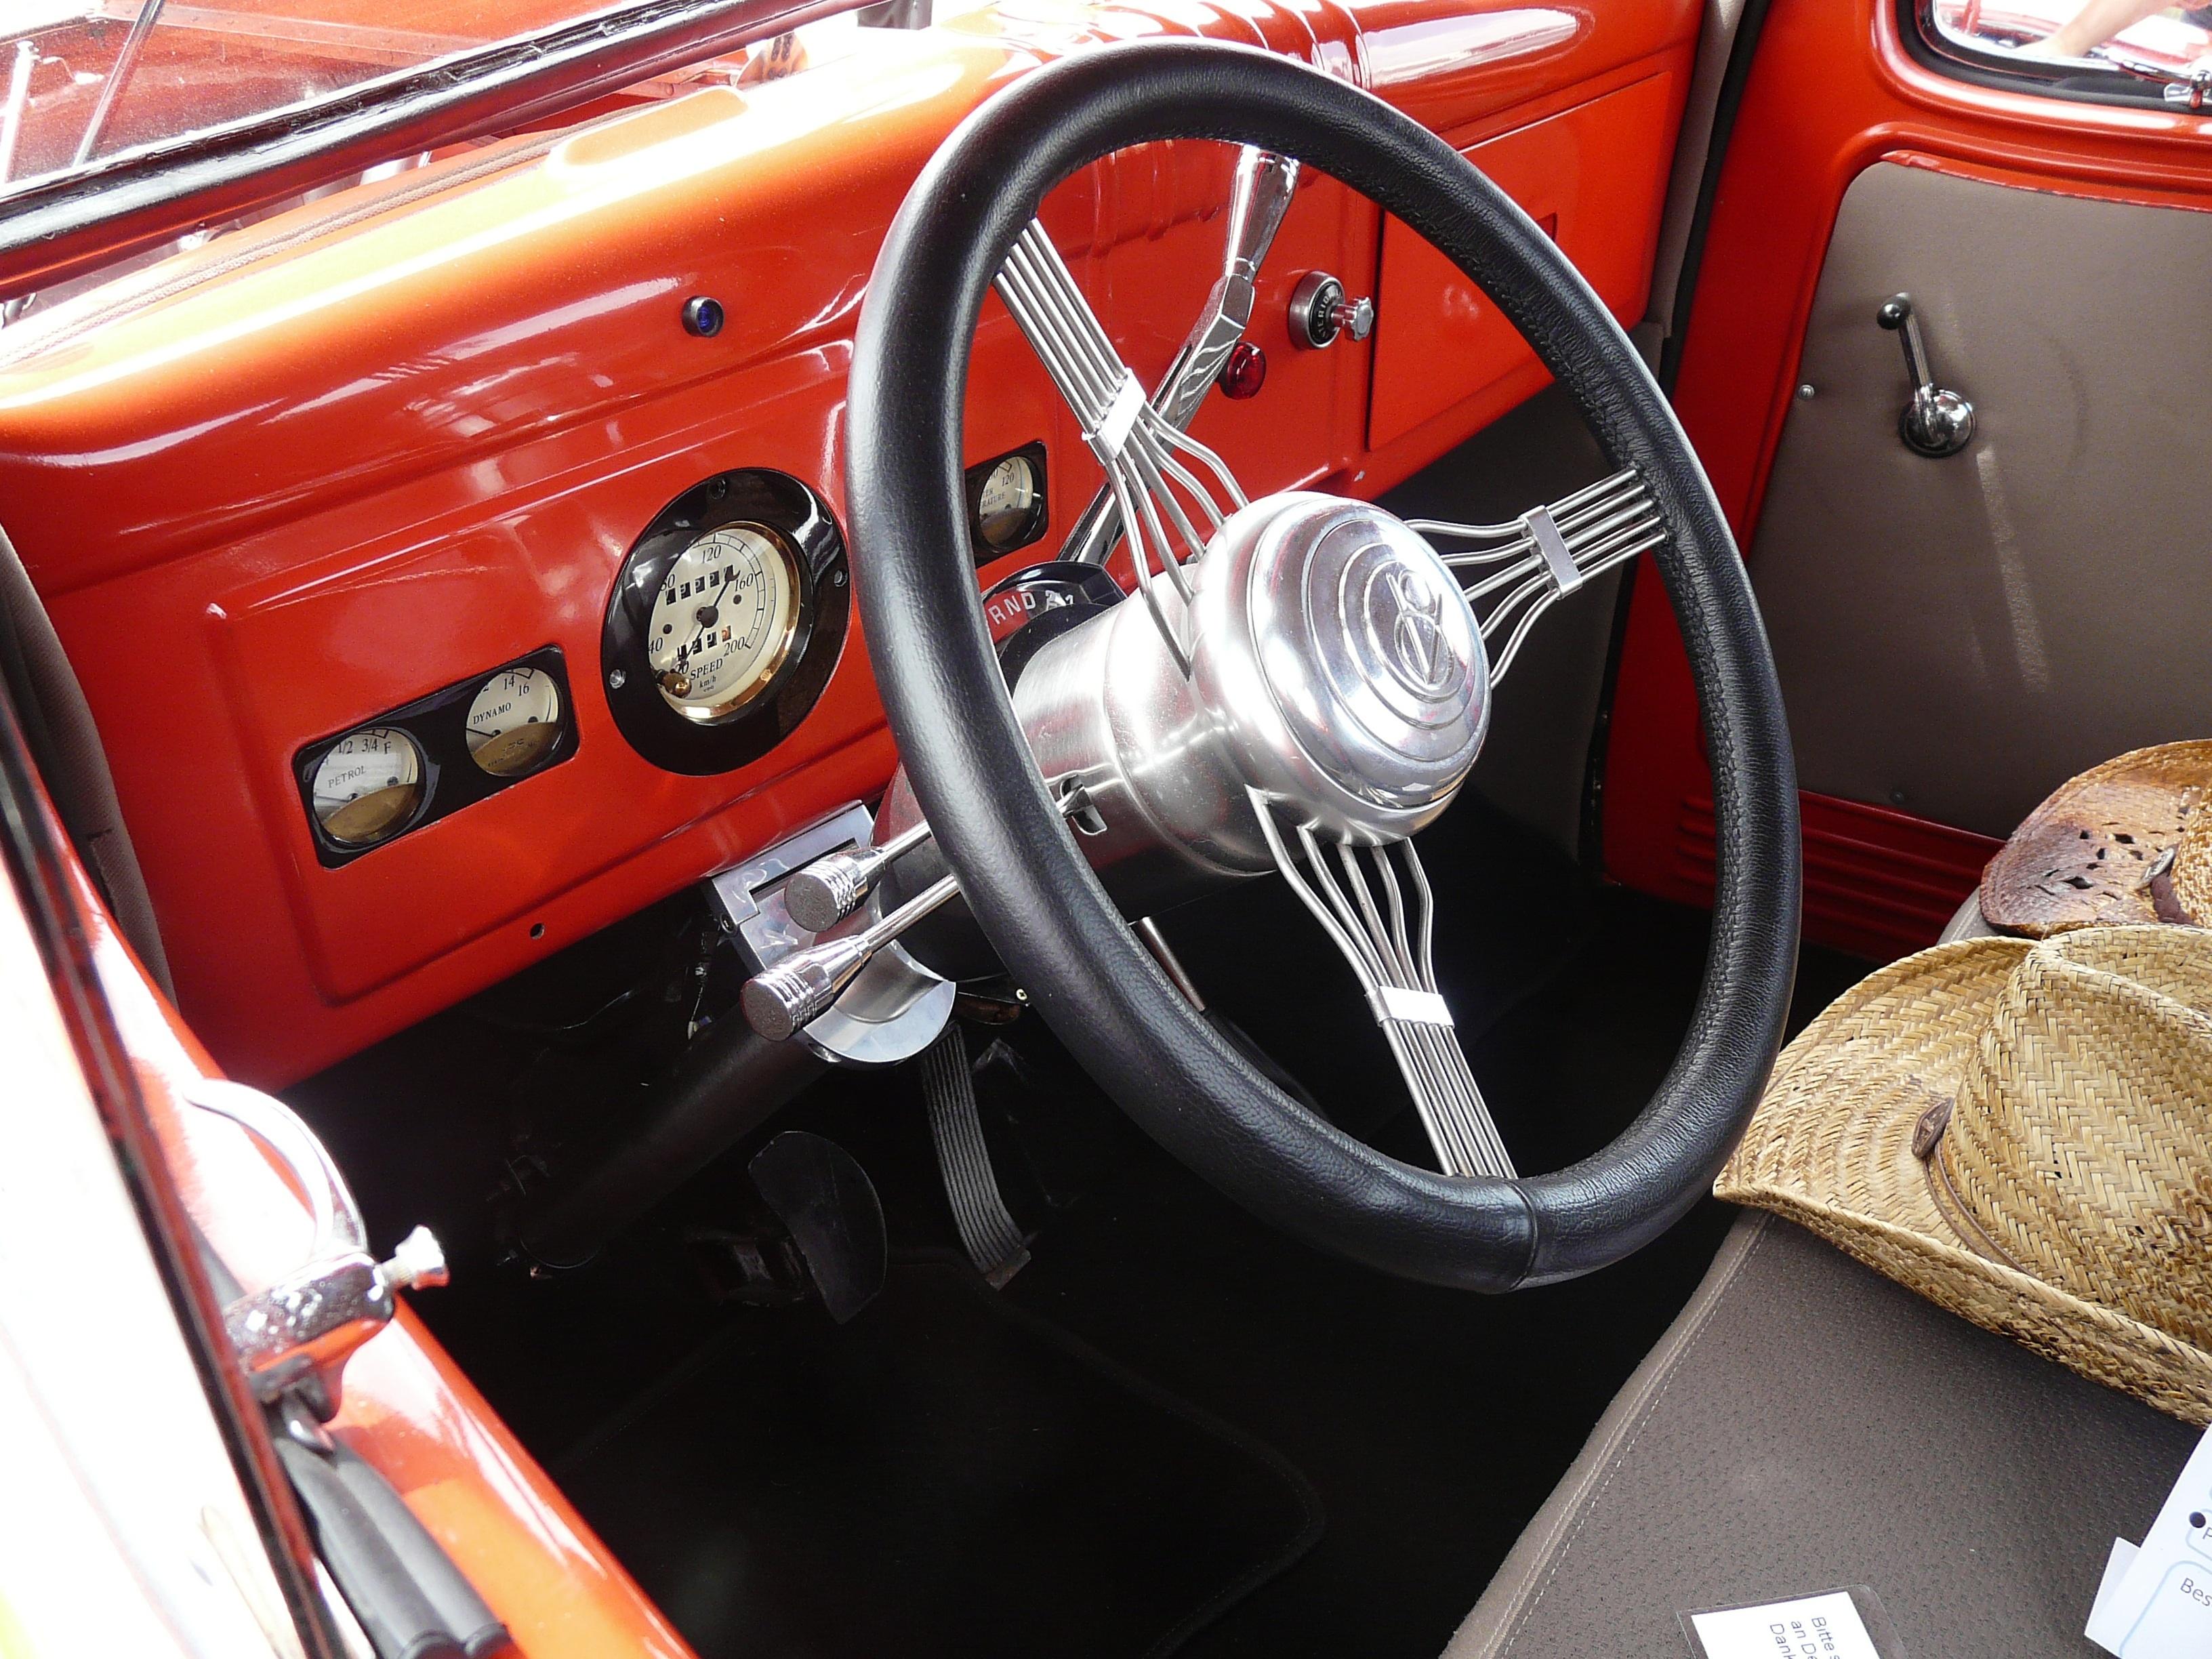 Gratis Afbeeldingen : wiel, interieur, voertuig, stuur, dashboard ...